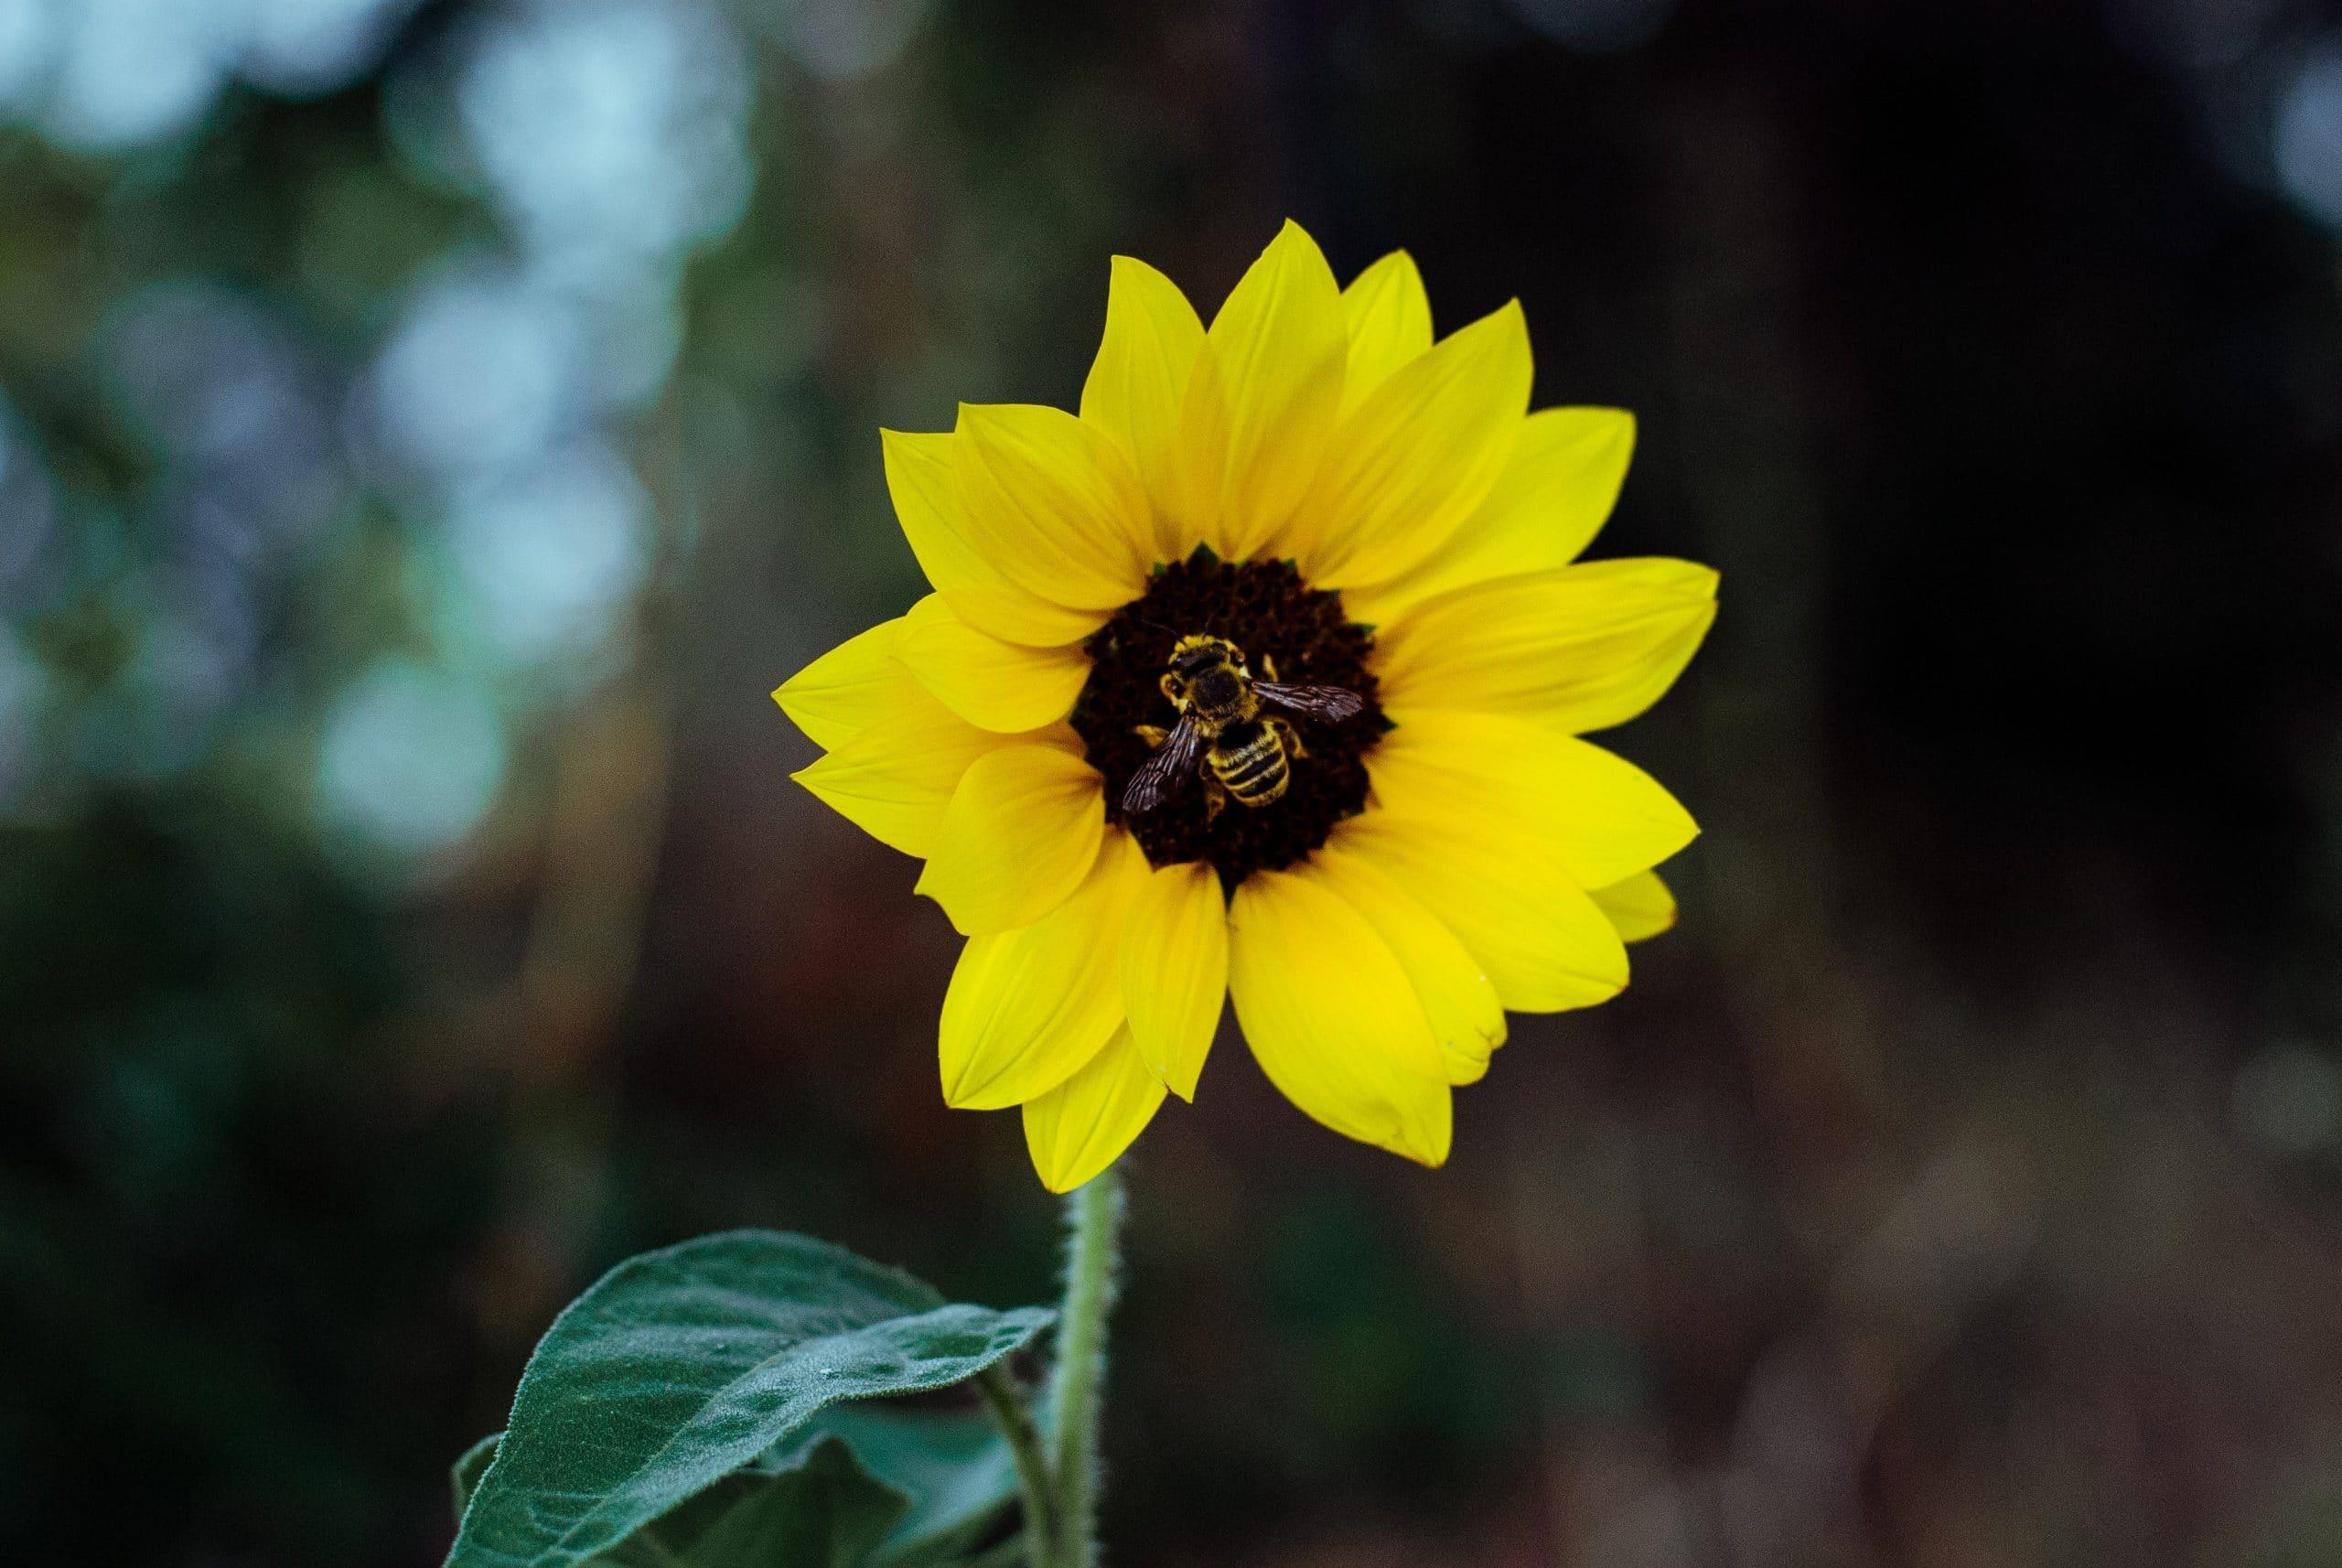 Girassol amarelo com abelha em seu miolo.